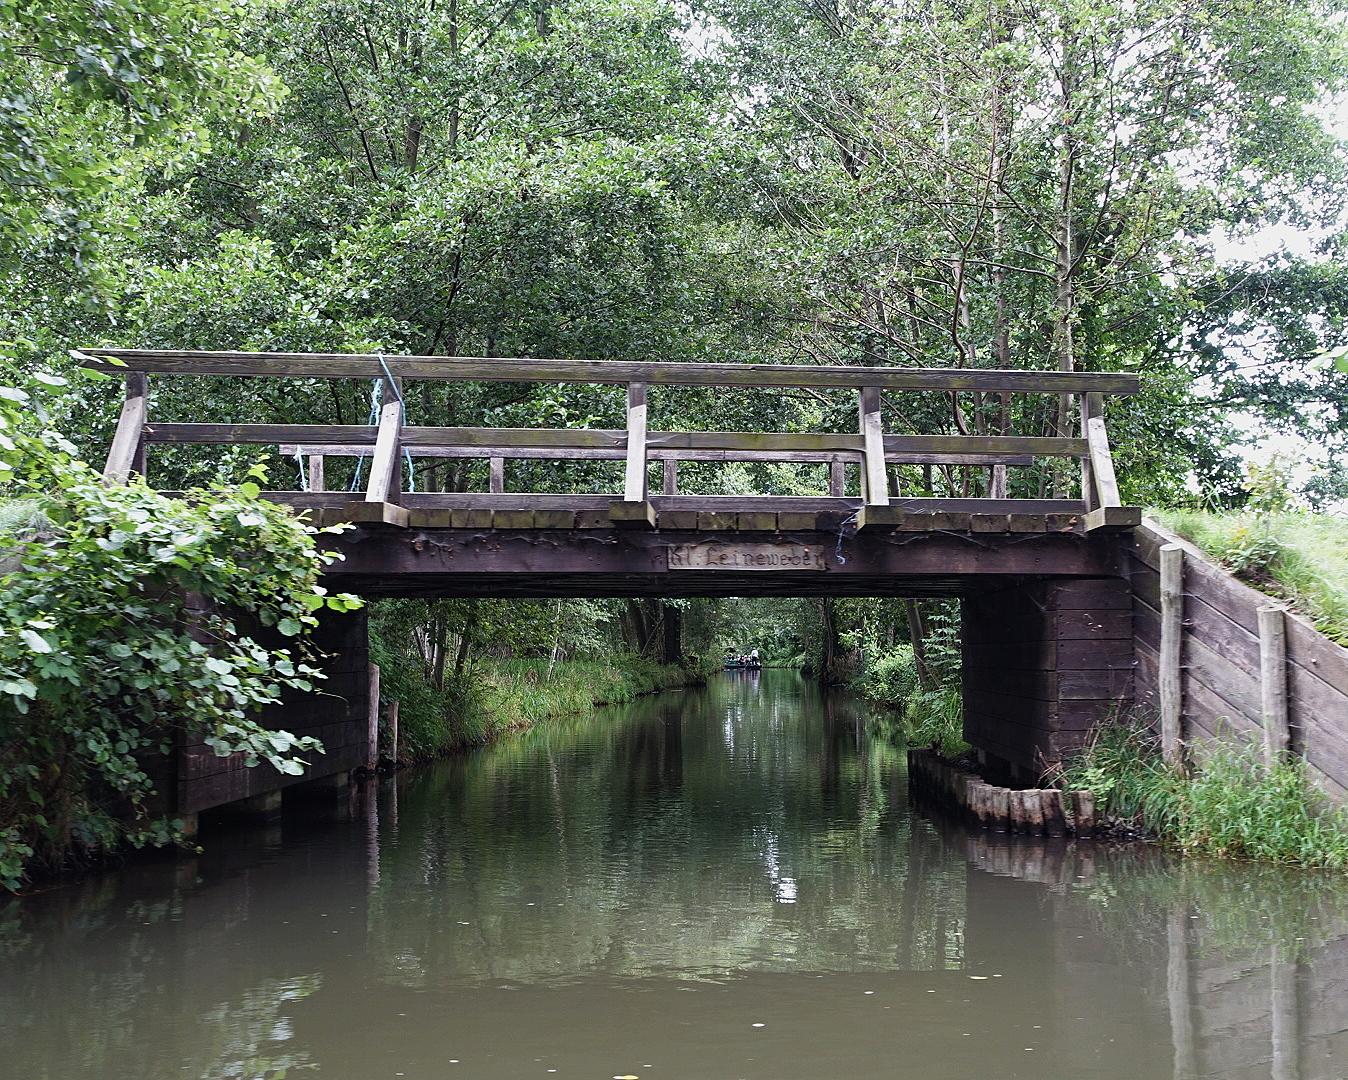 Kanal und Brücke im Spreewald an einem verregneten Sommertag